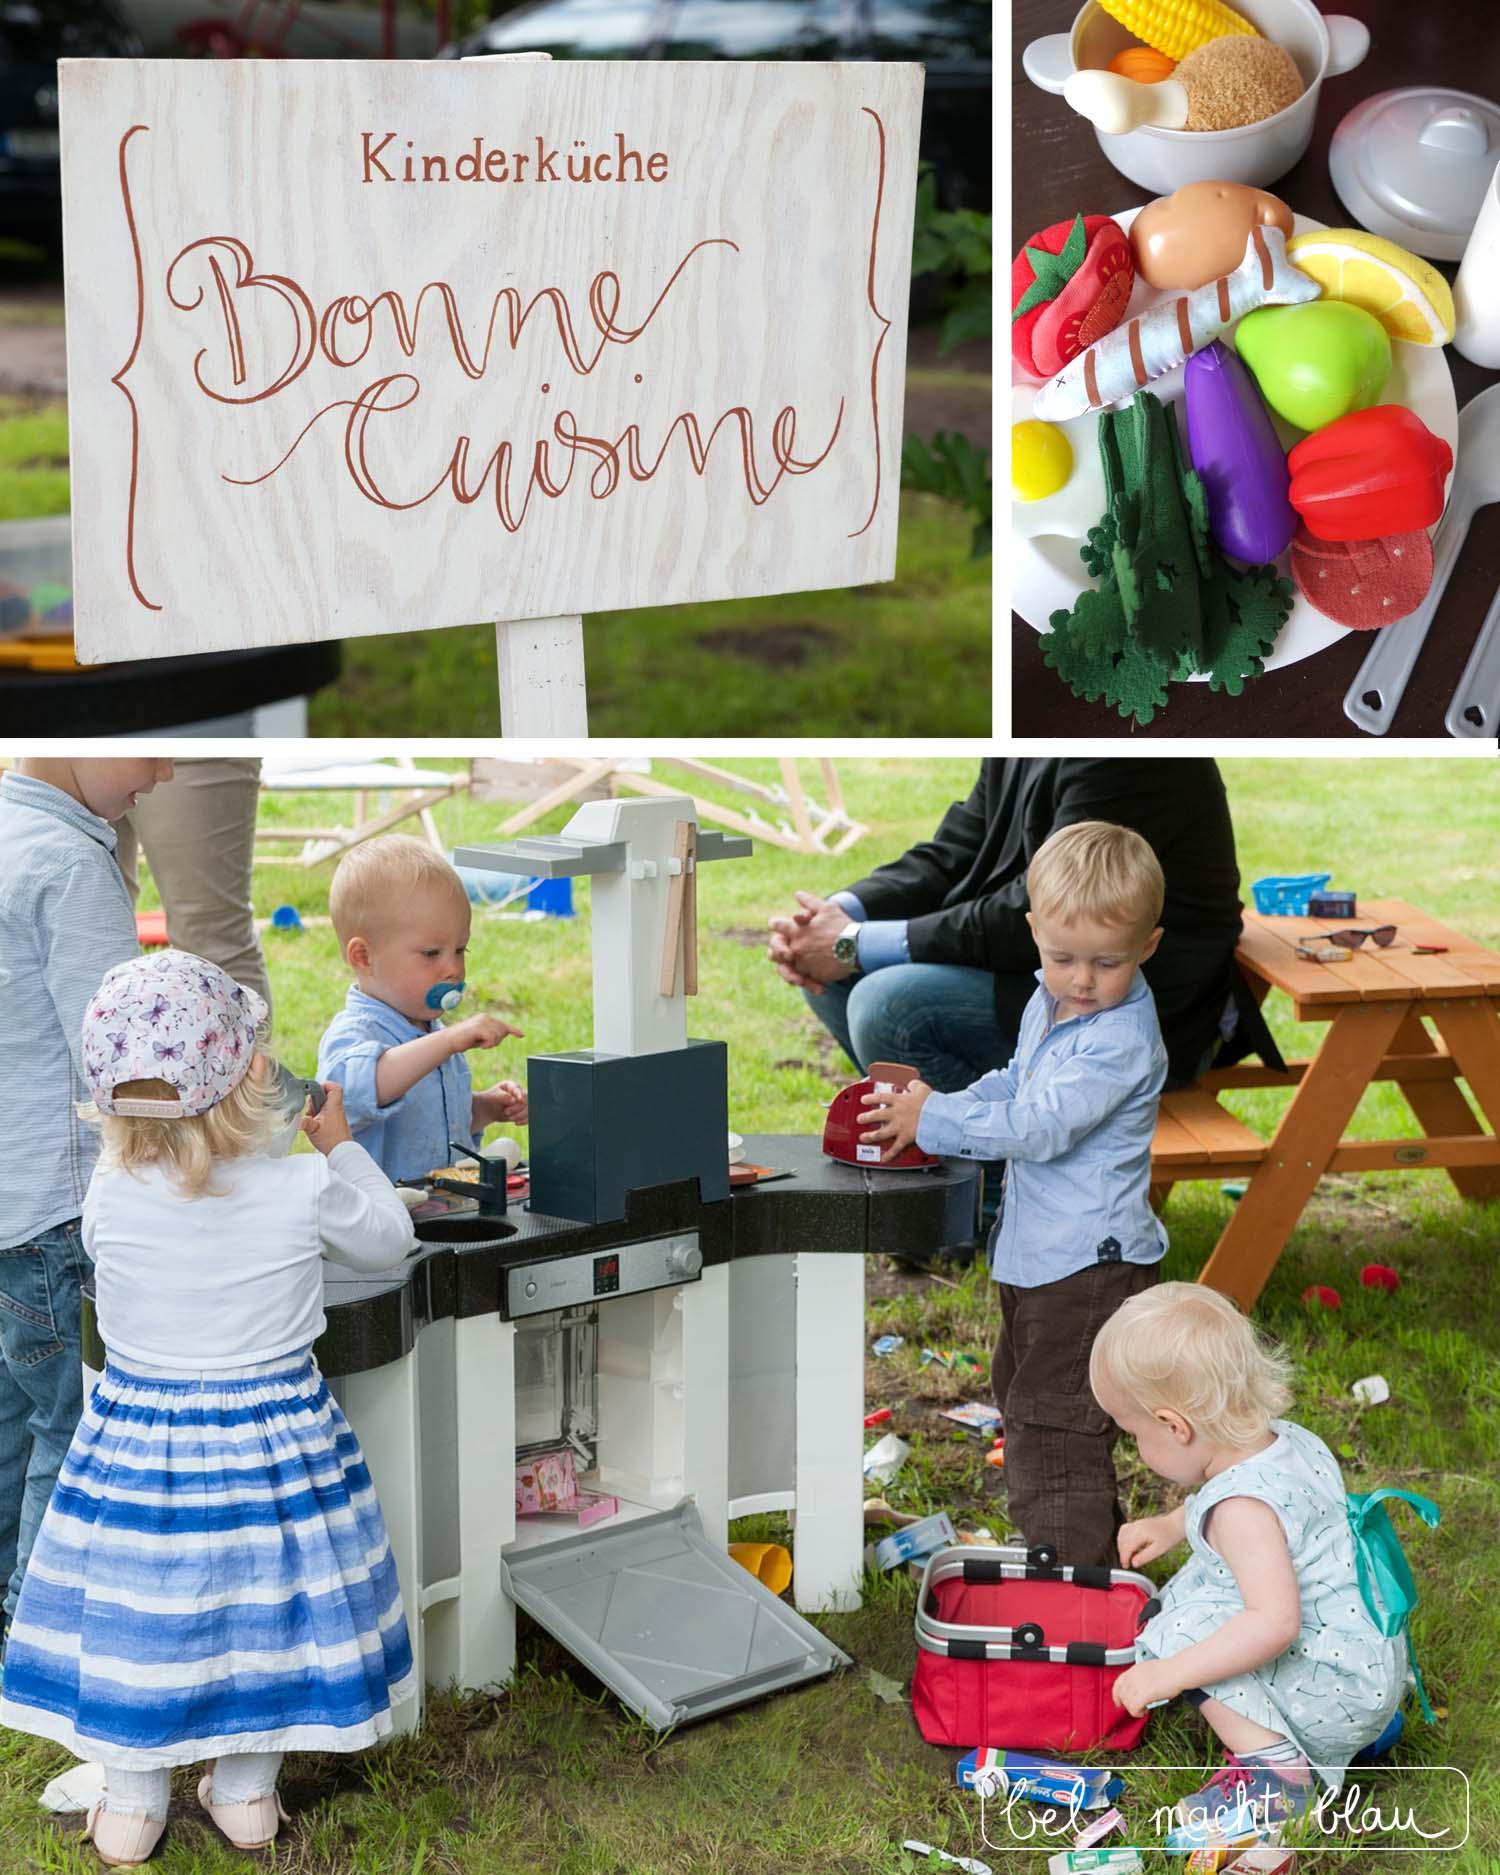 Hochzeit mit Kindern - die besten Beschäftigungsideen - Kinderküche Bonne Cuisine